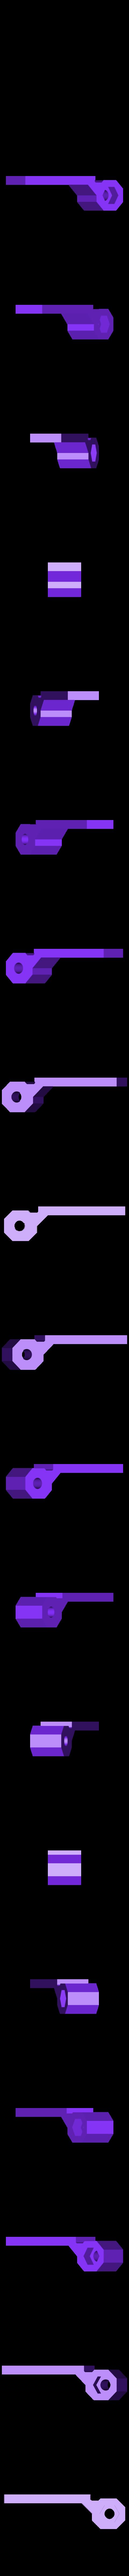 Z-ScrewBracket.stl Télécharger fichier STL gratuit Hadron (ORD Bot) Z Réglage fin • Objet pour impression 3D, Duskwin